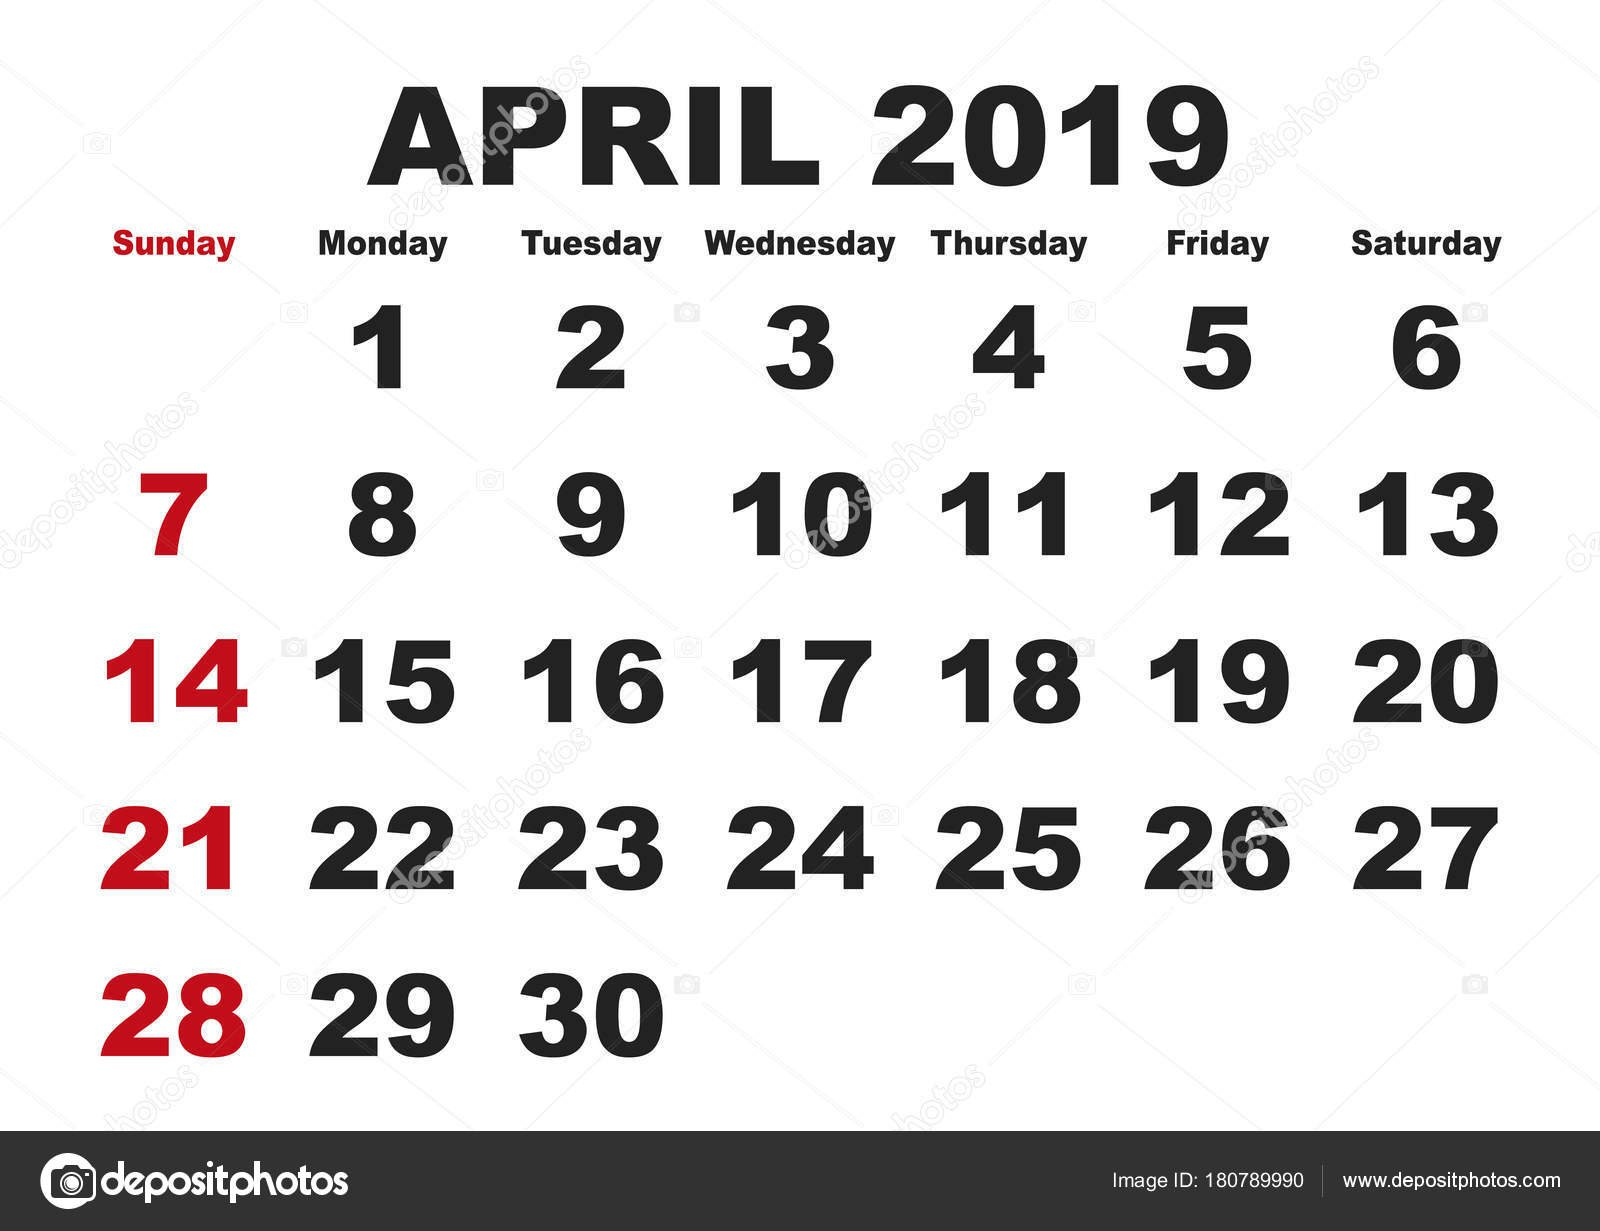 Календарь На Месяц Апреля 2019 Английский Сша — Векторное April 8 2019 Calendar